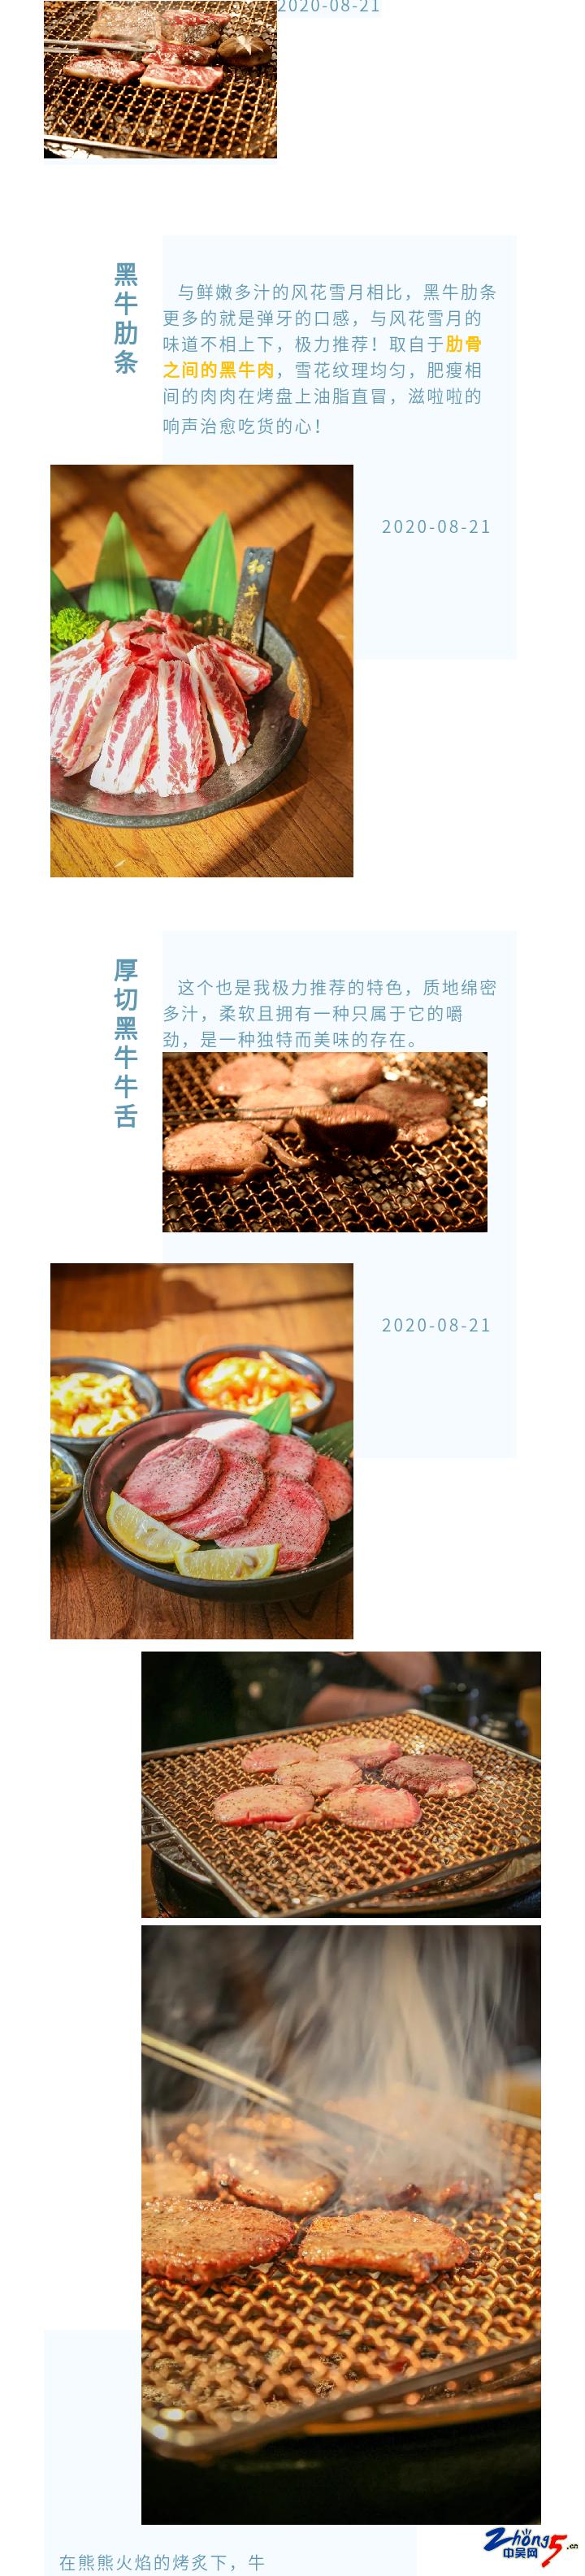 长图_03.png